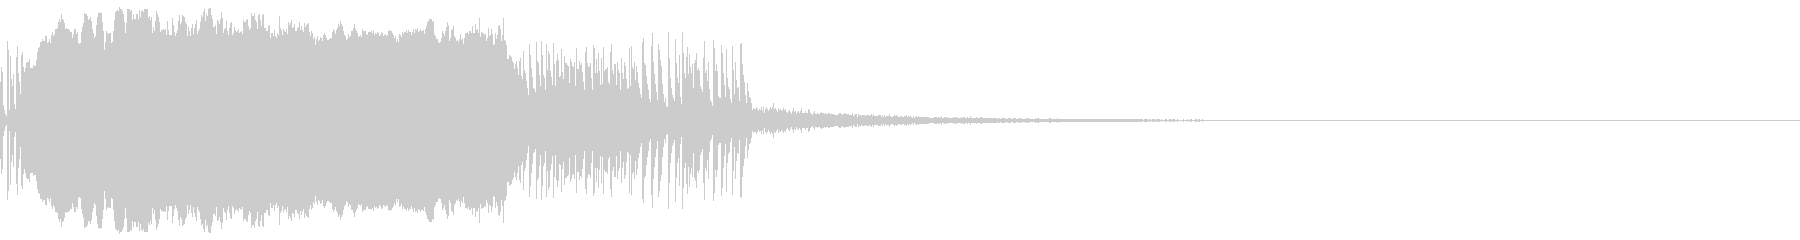 ノイジーな篠笛の未再生の波形